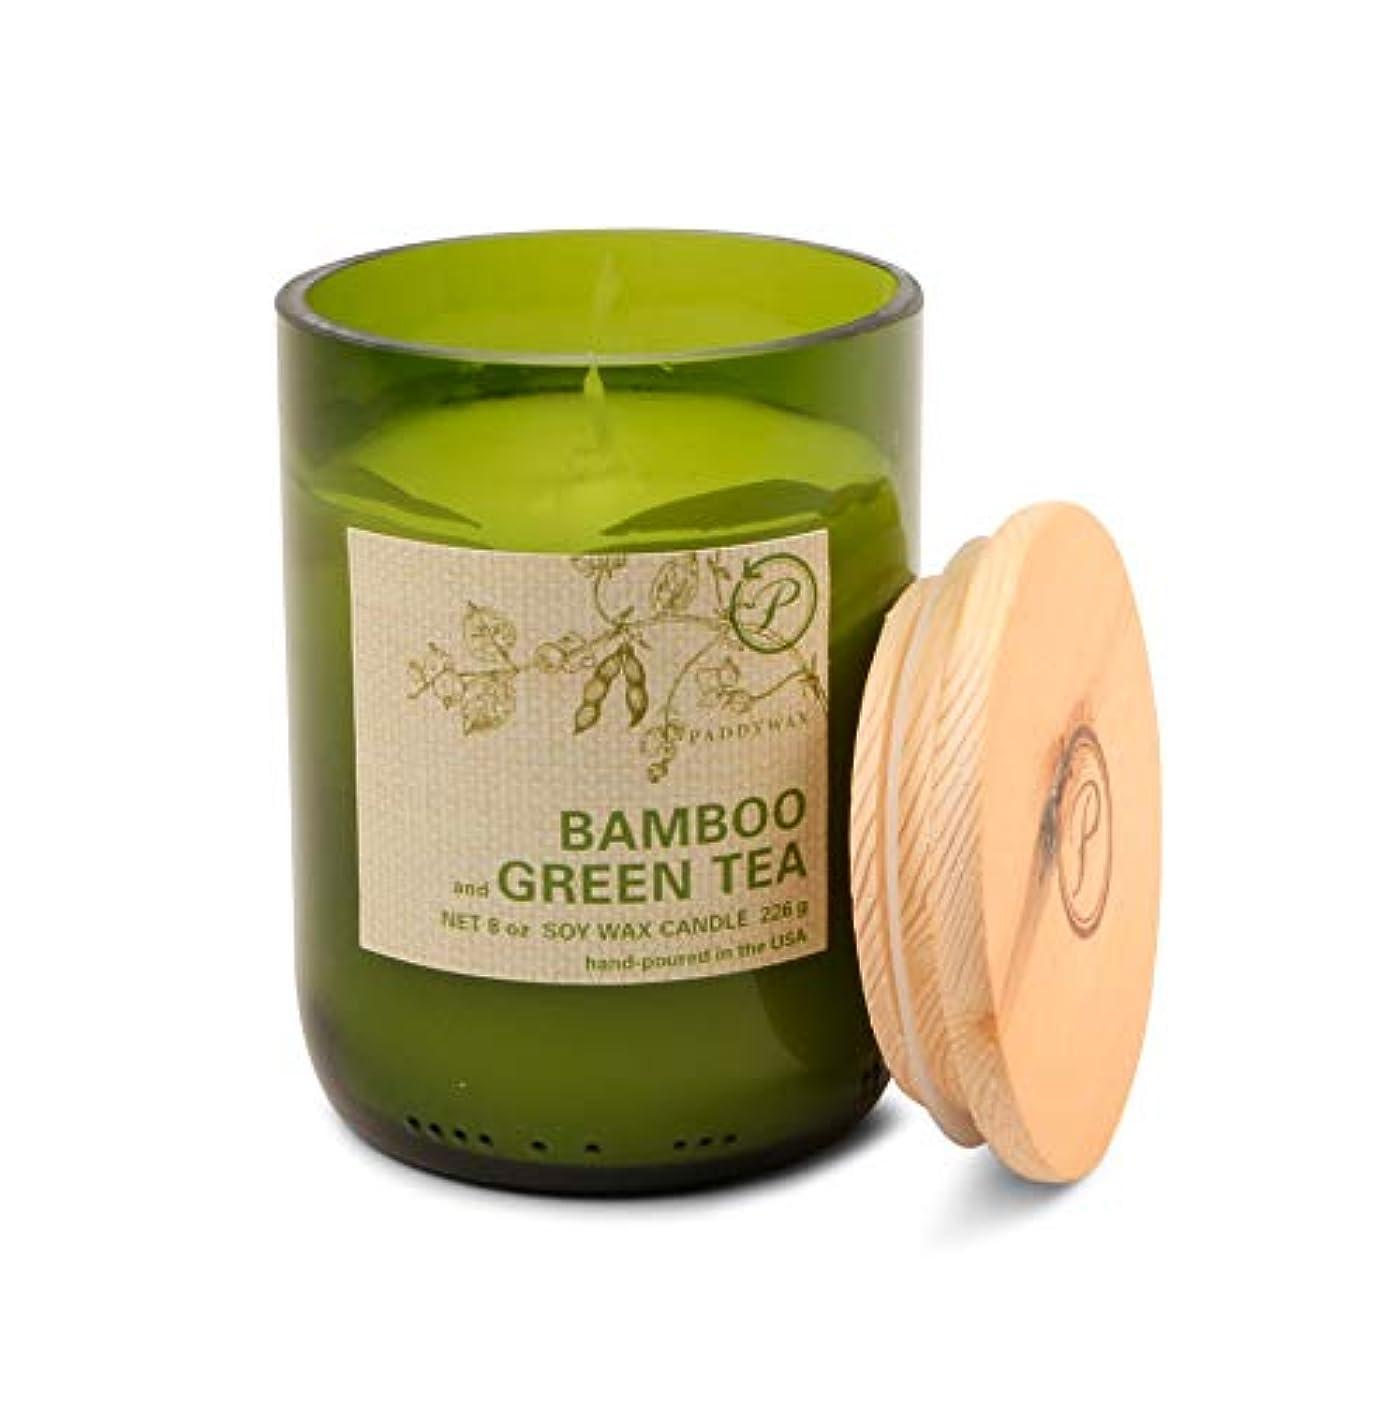 飾る発送一般化するパディワックス(PADDYWAX) エコ?グリーン キャンドル(ECO GREEN Candle) バンブー & グリーンティー(BAMBOO and GREEN TEA)